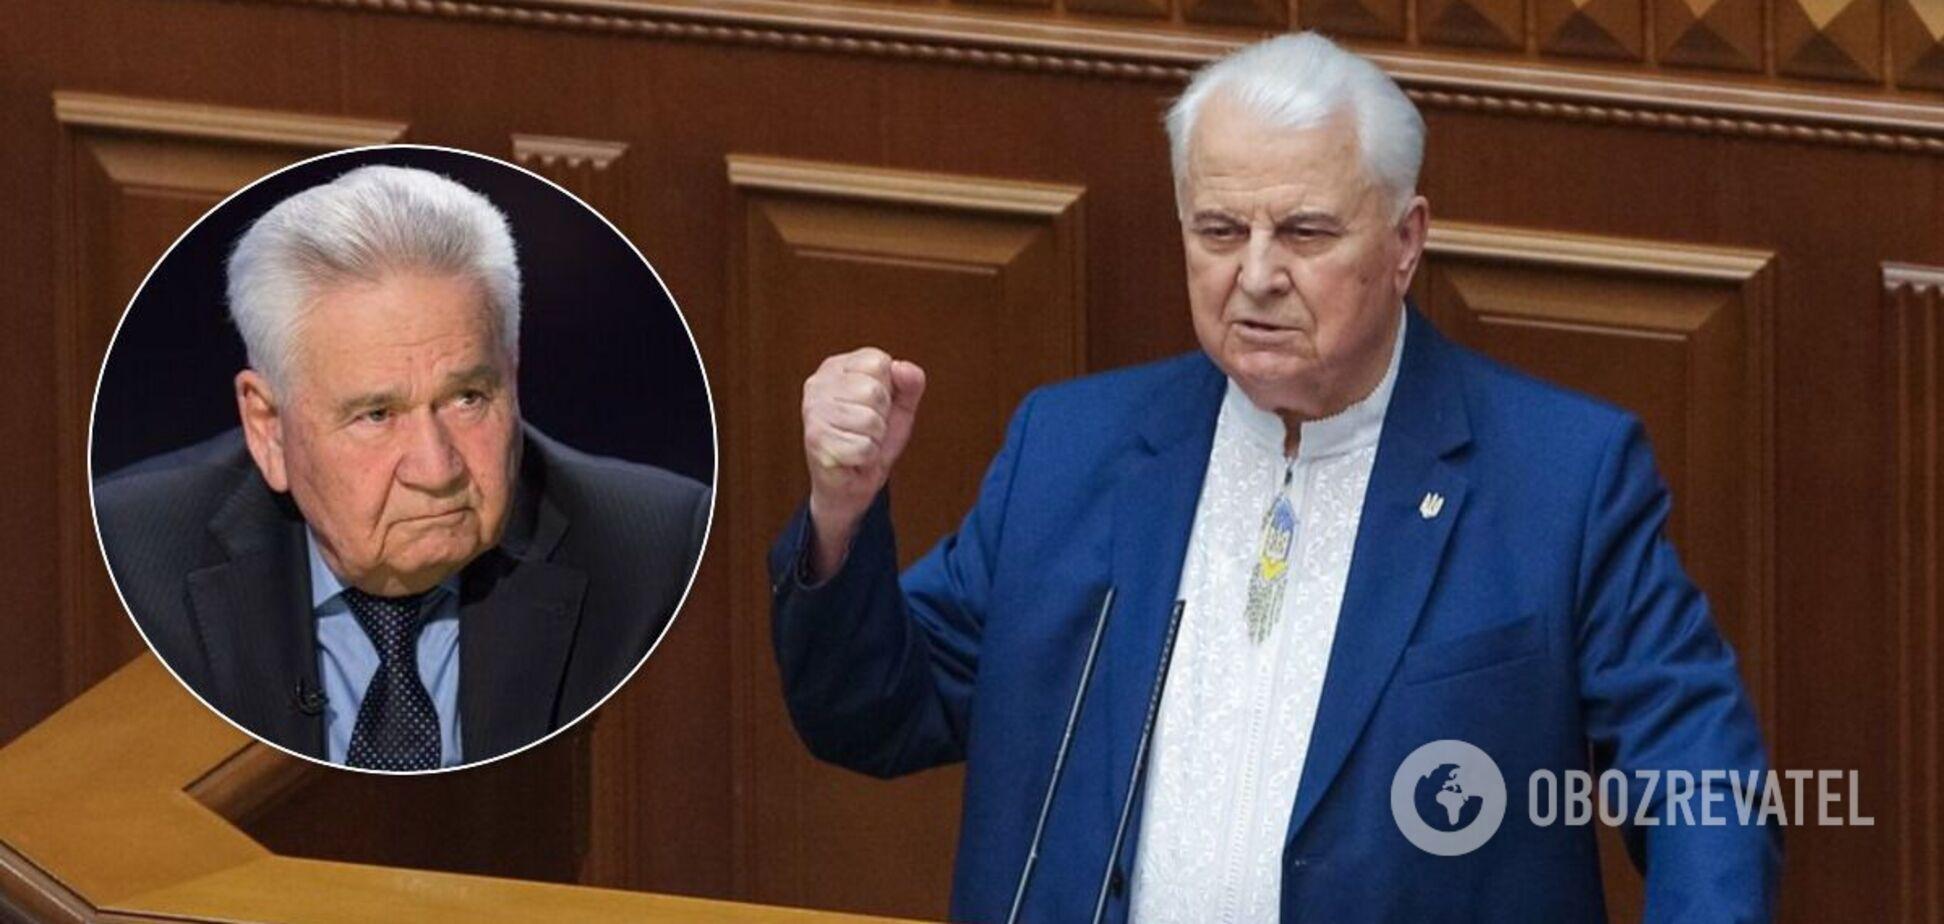 Кравчук назвав якості кандидата на місце Фокіна